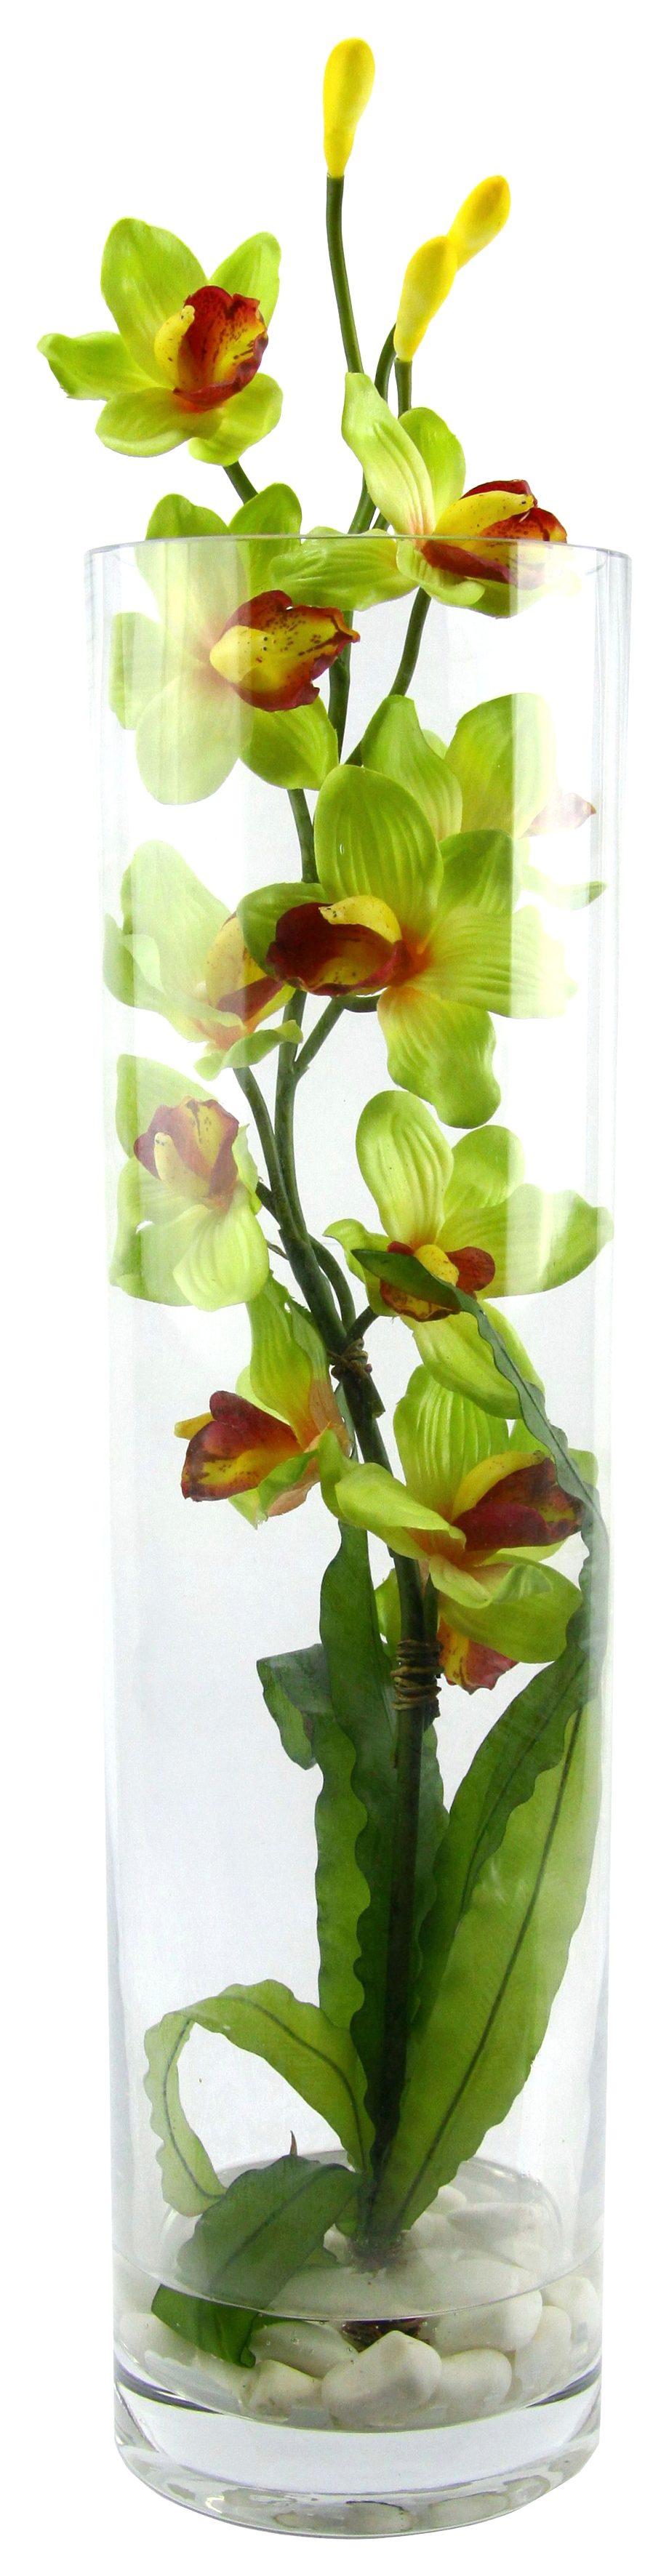 Home affaire Kunstblume »Orchidee im Glas«